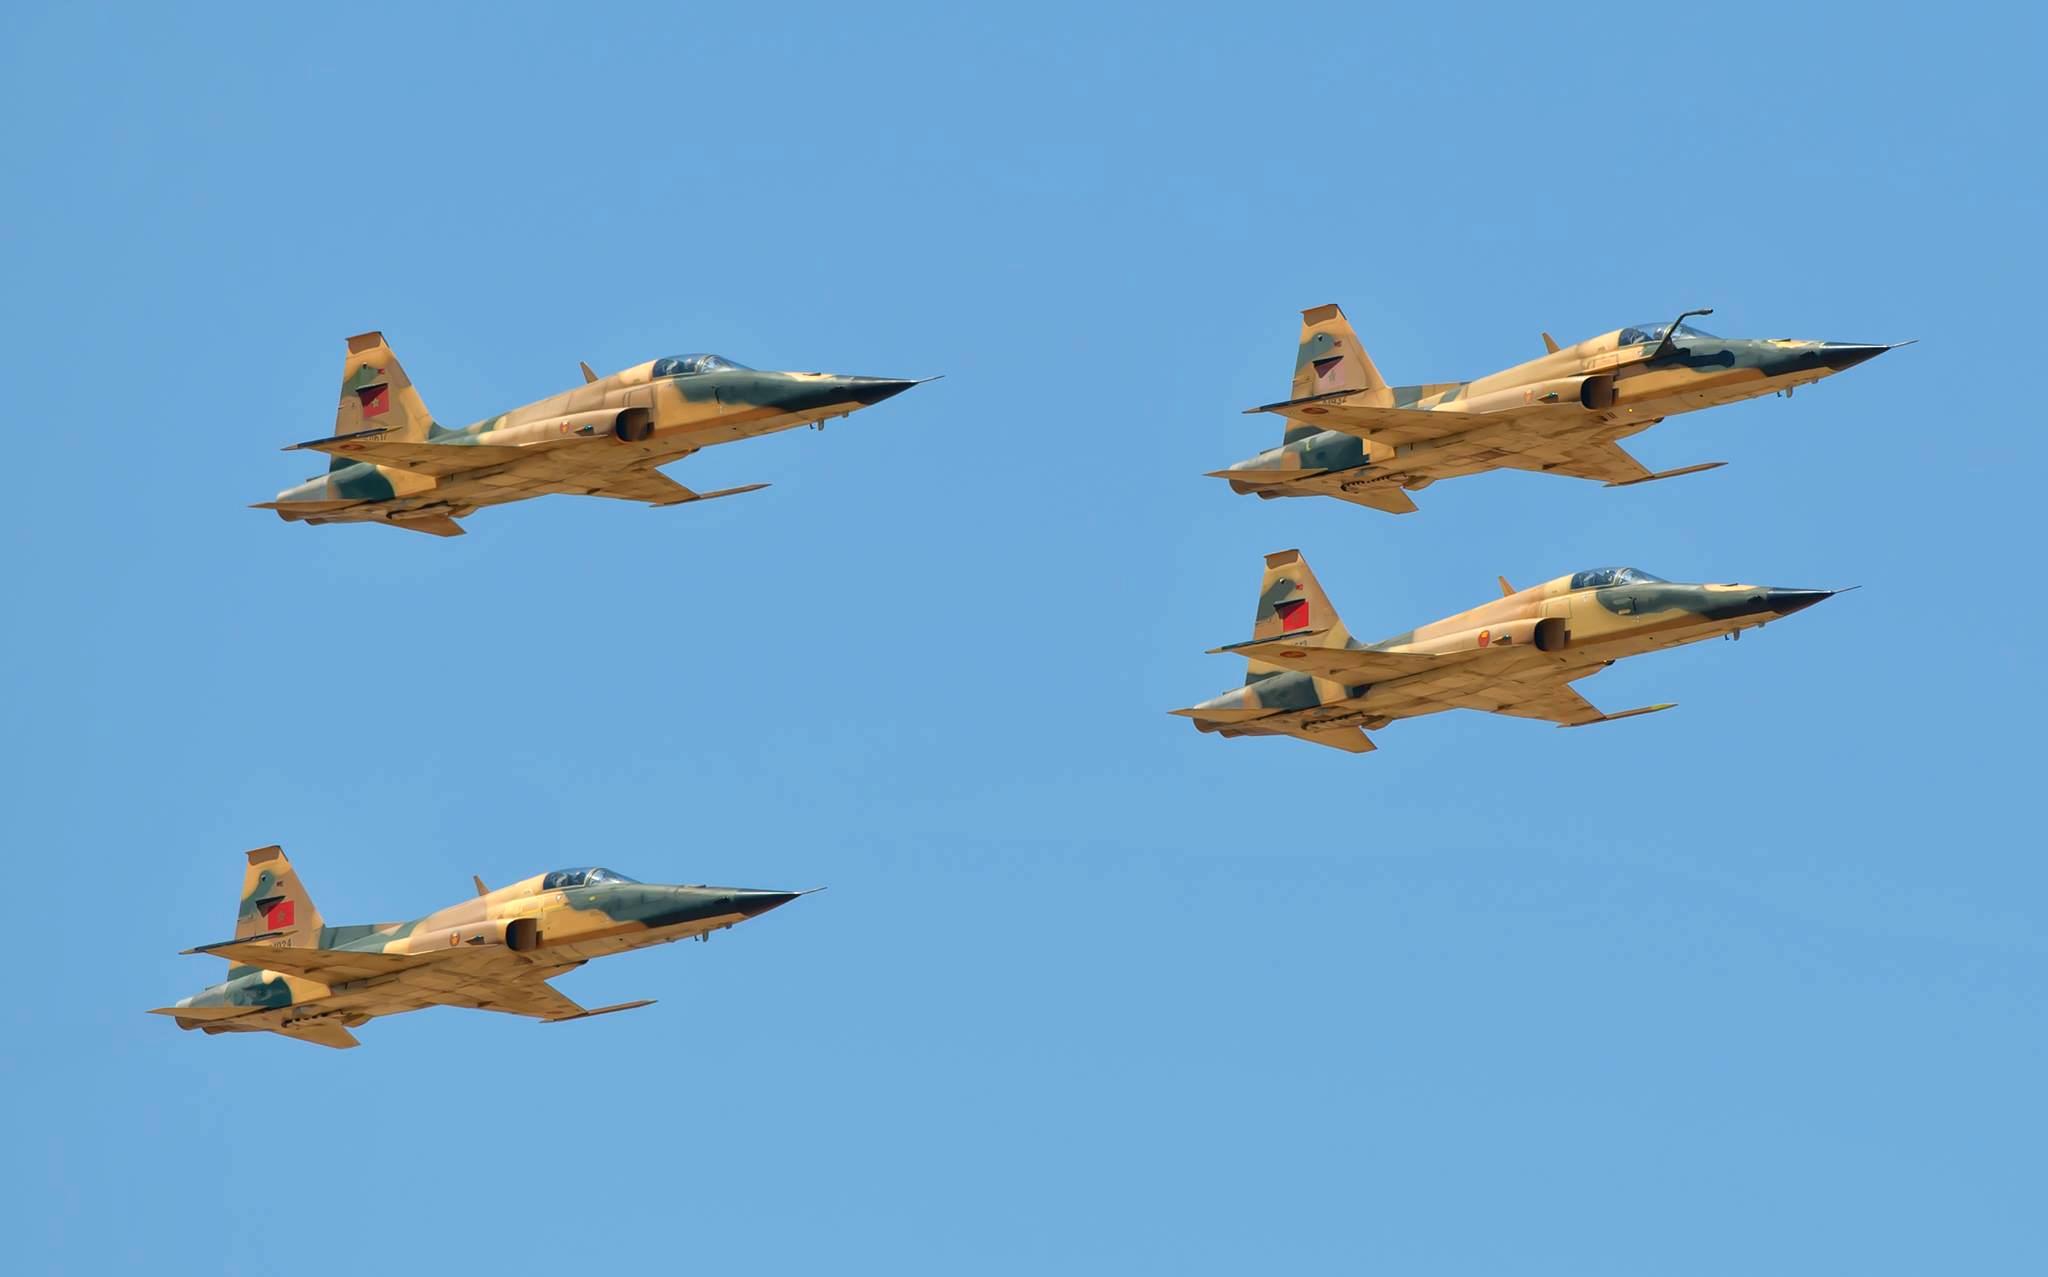 القوات الجوية الملكية المغربية - متجدد - - صفحة 2 160201063650961879